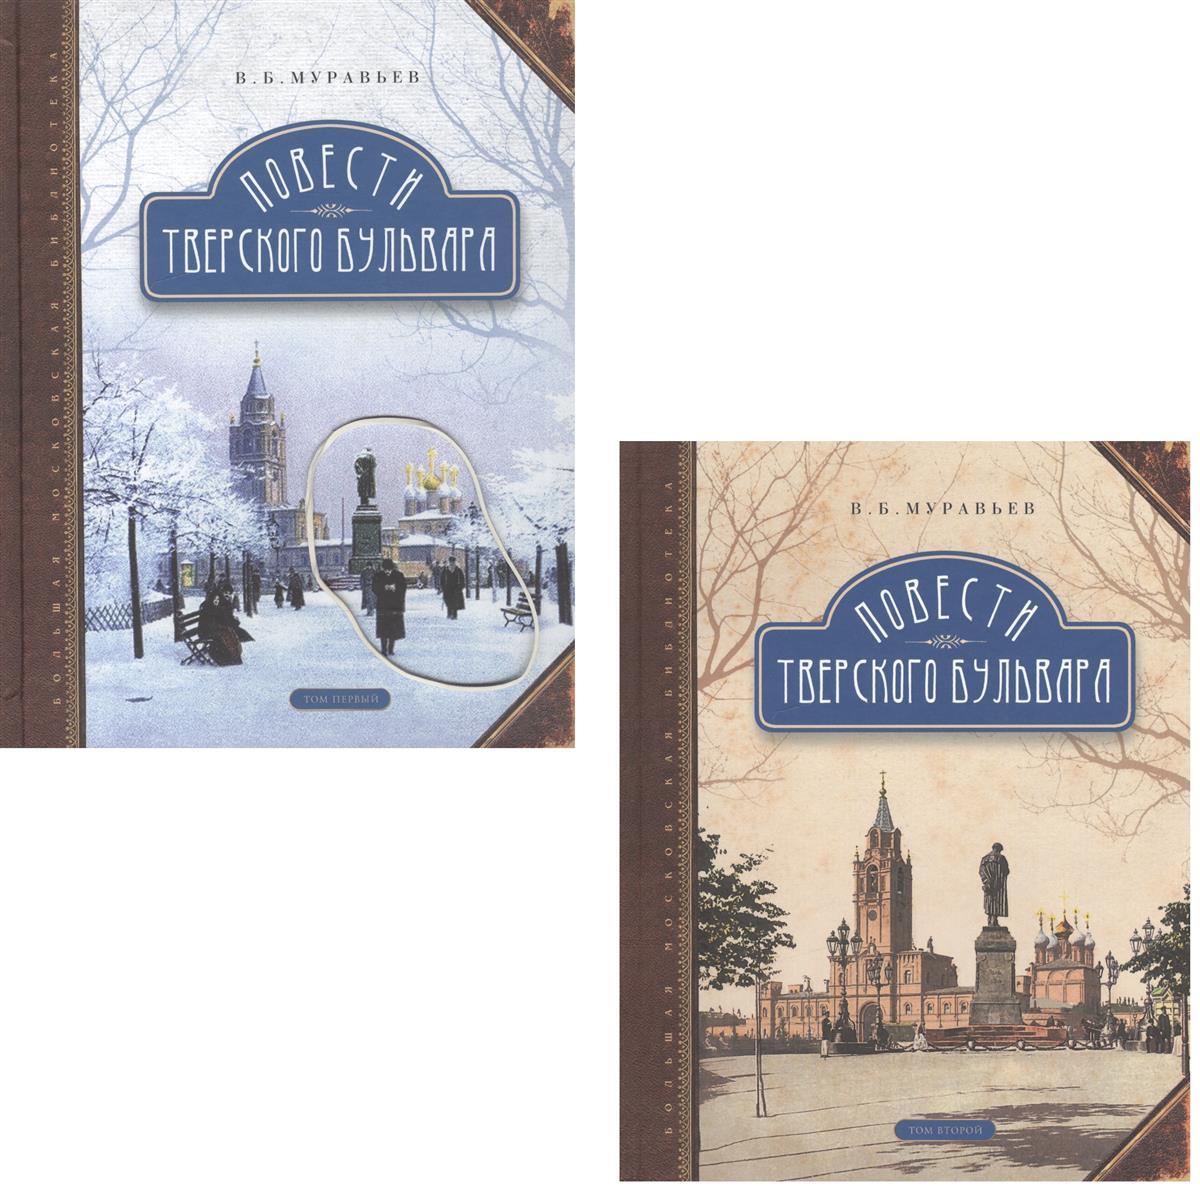 Повести Тверского бульвара (комплект из 2 книг)